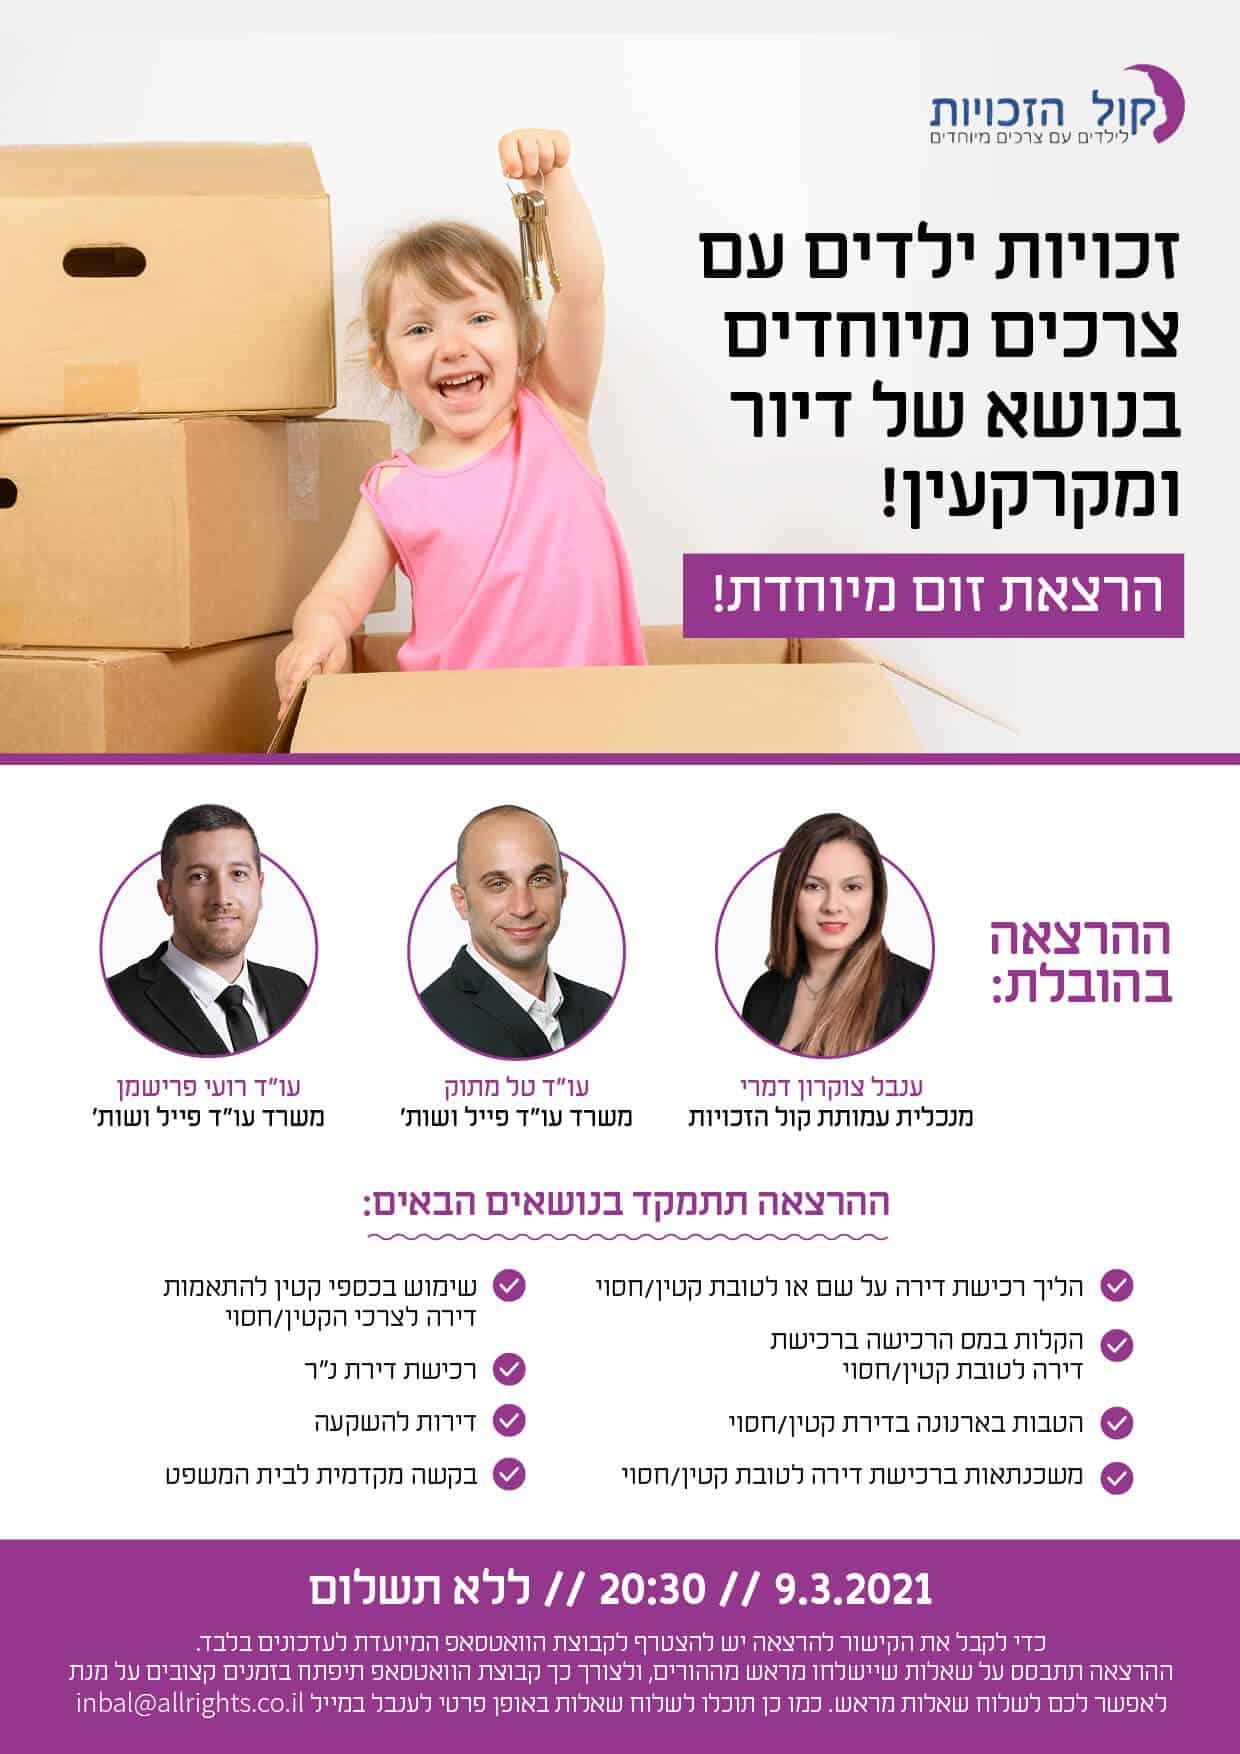 זכויות ילדים עם צרכים מיוחדים בנושאי דיור ומקרקעין